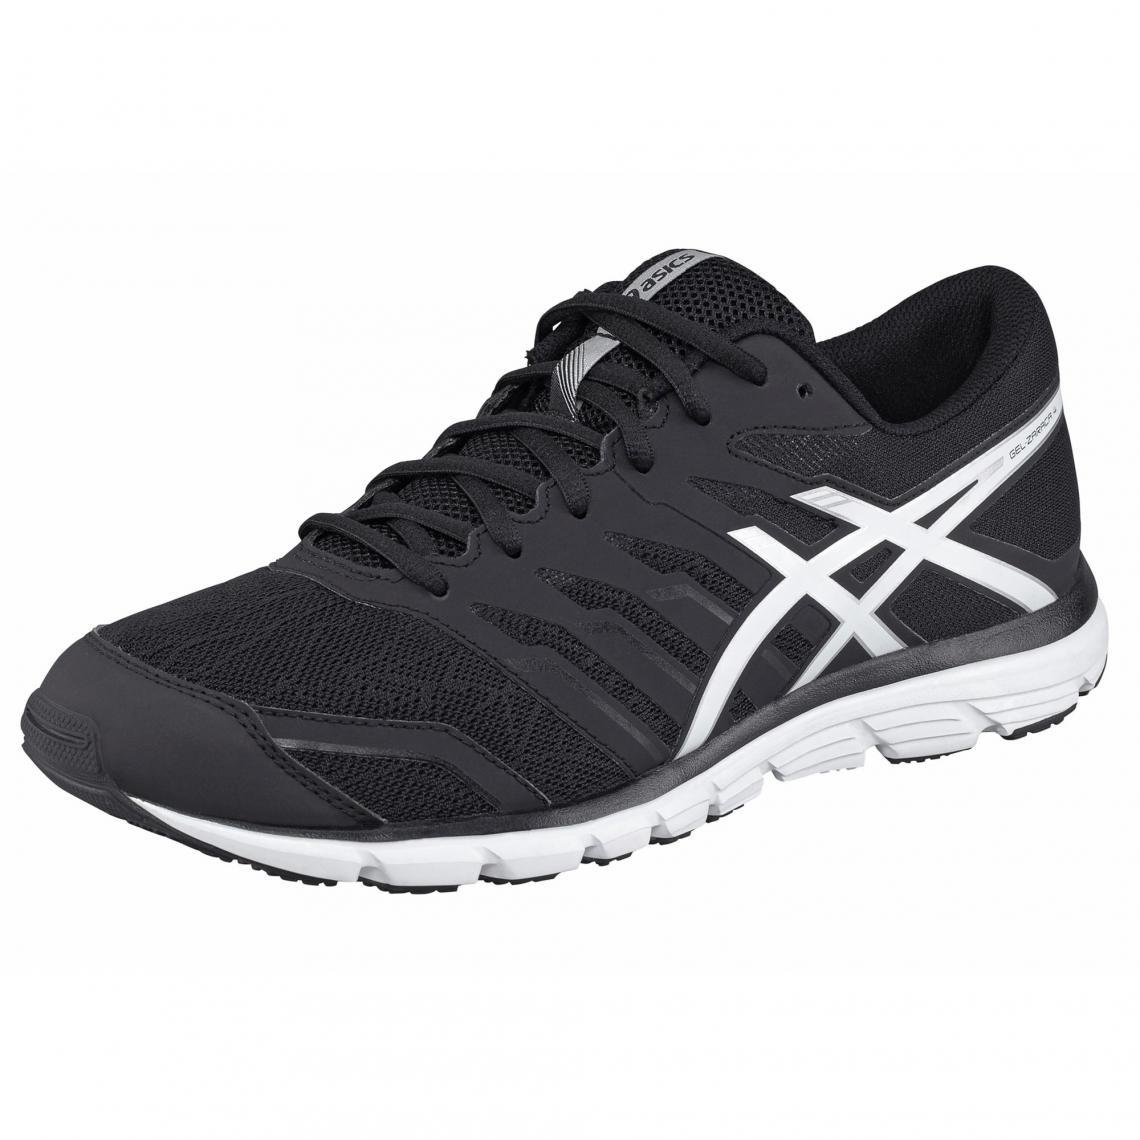 Chaussures de course homme Asics Gel Zaraca 4 | 3 SUISSES